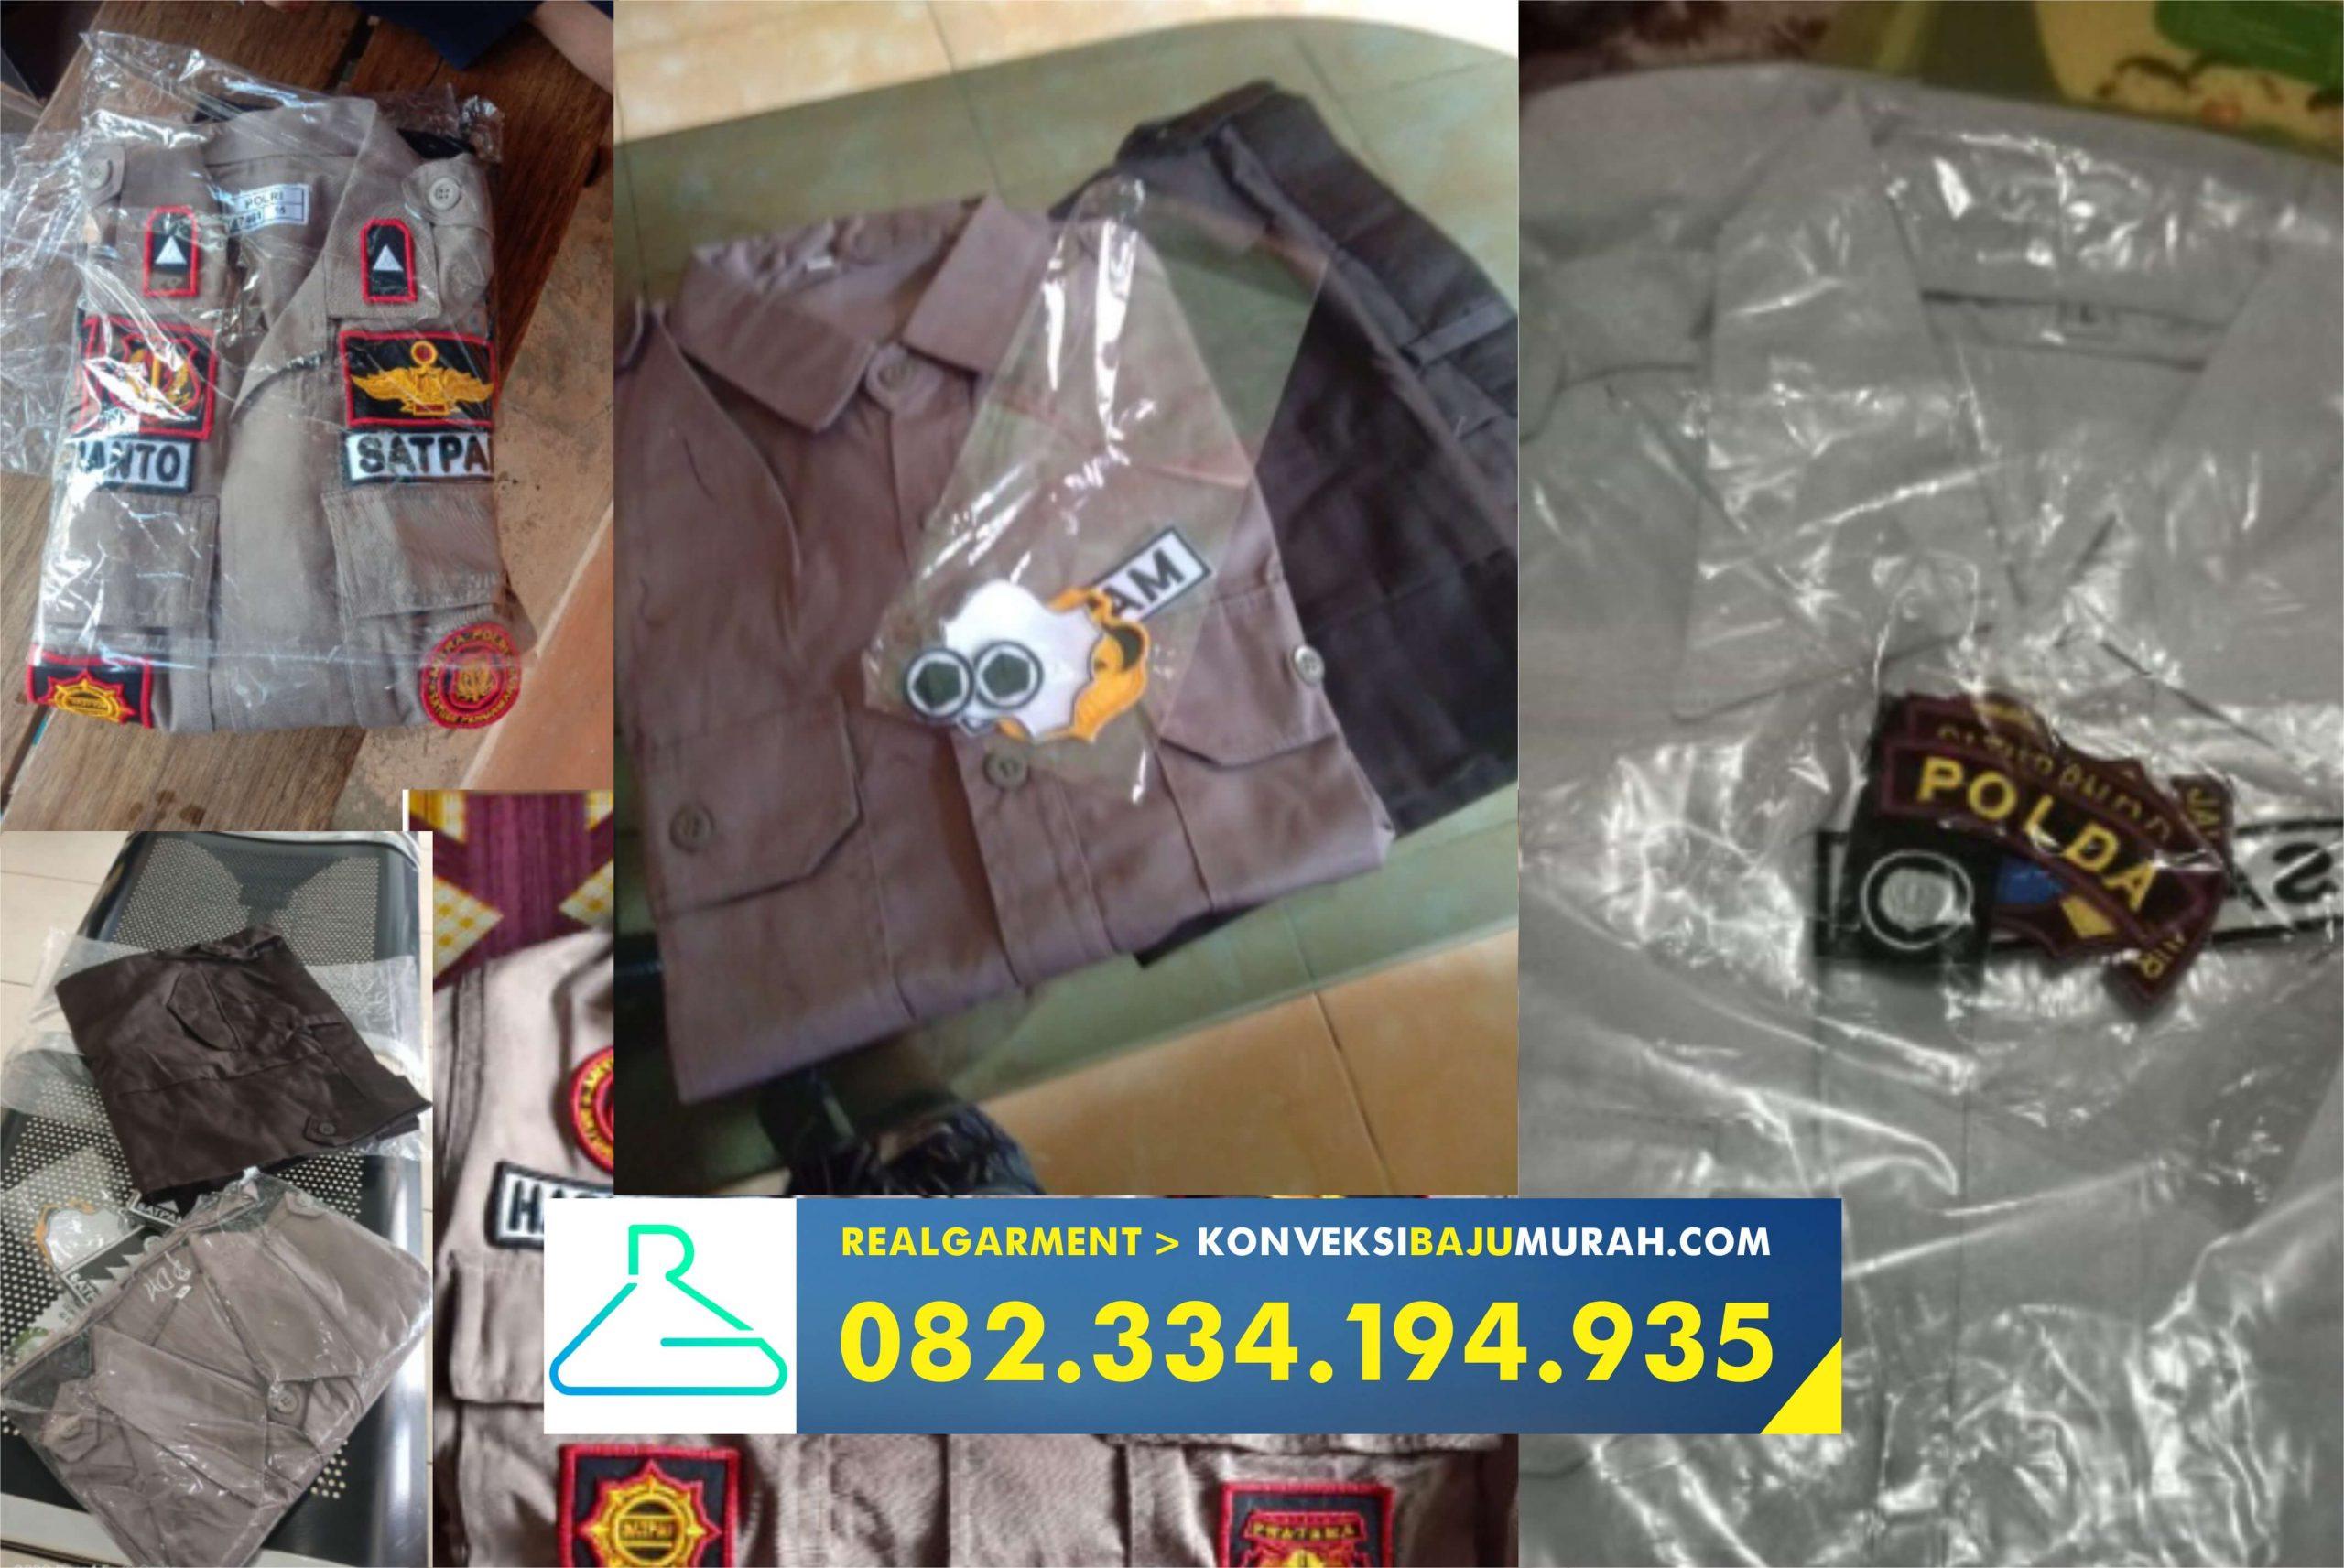 baju pdl security terbaru, seragam pdl security terbaru, seragam satpam terbaru warna coklat sidoarjo